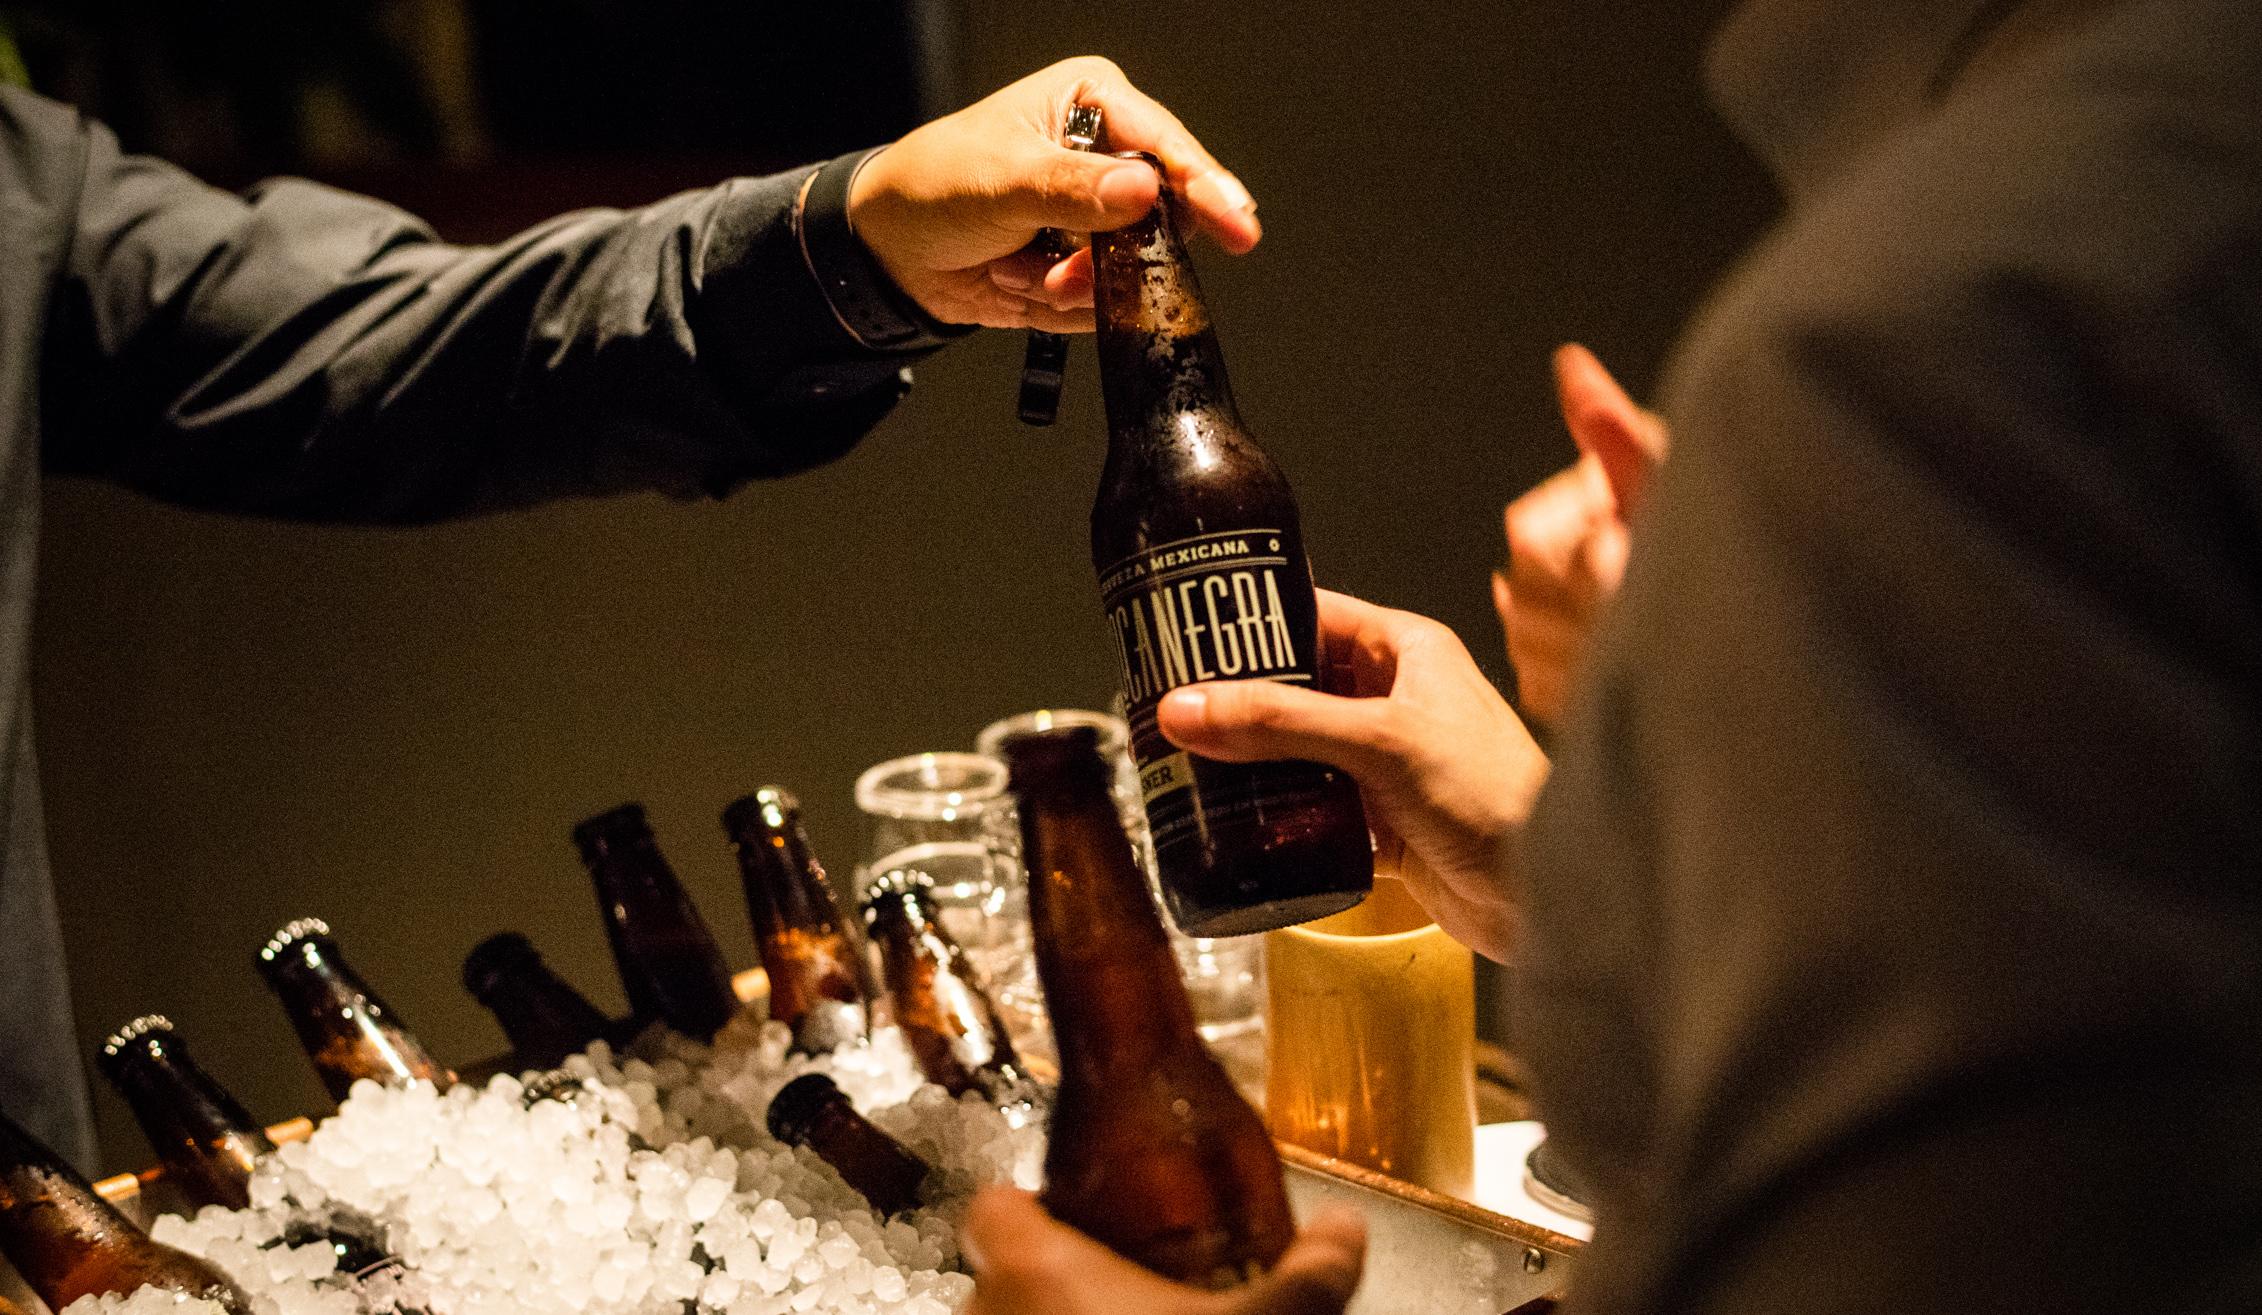 Bocanegra, la cerveza artesanal que quiere conquistar Estados Unidos